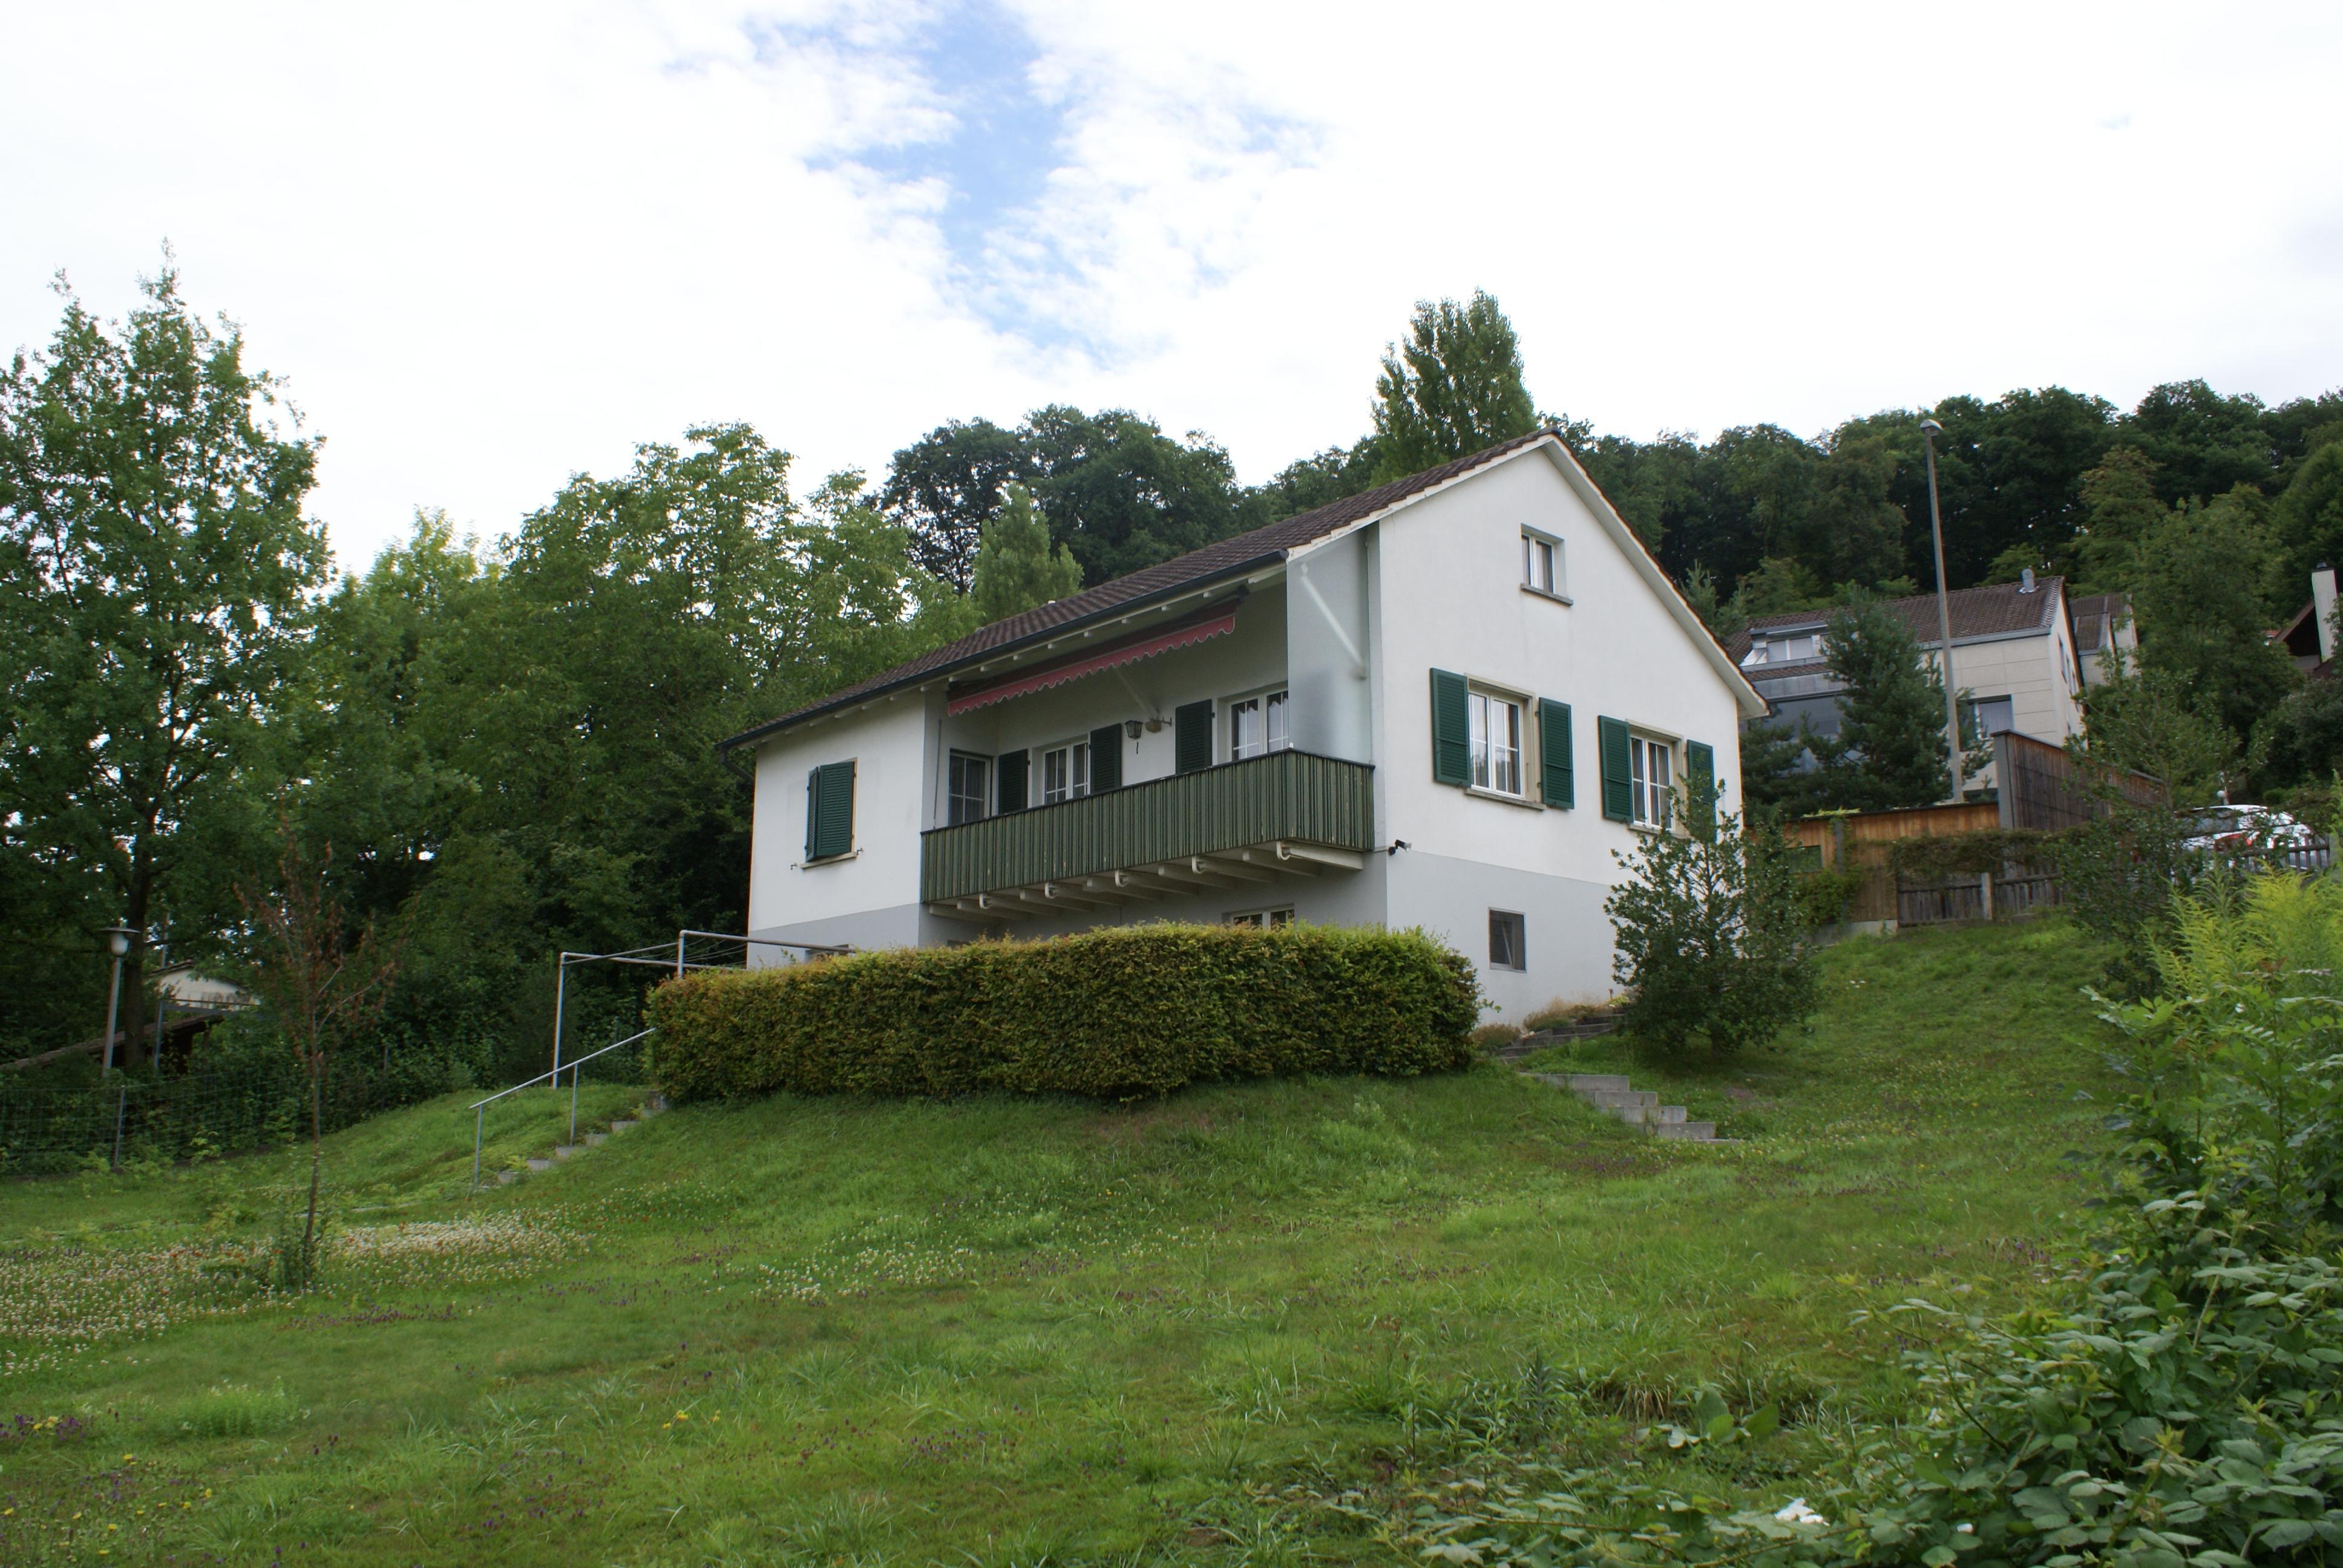 4,5-Zimmerhaus in Oberwil / BL (verkauft)